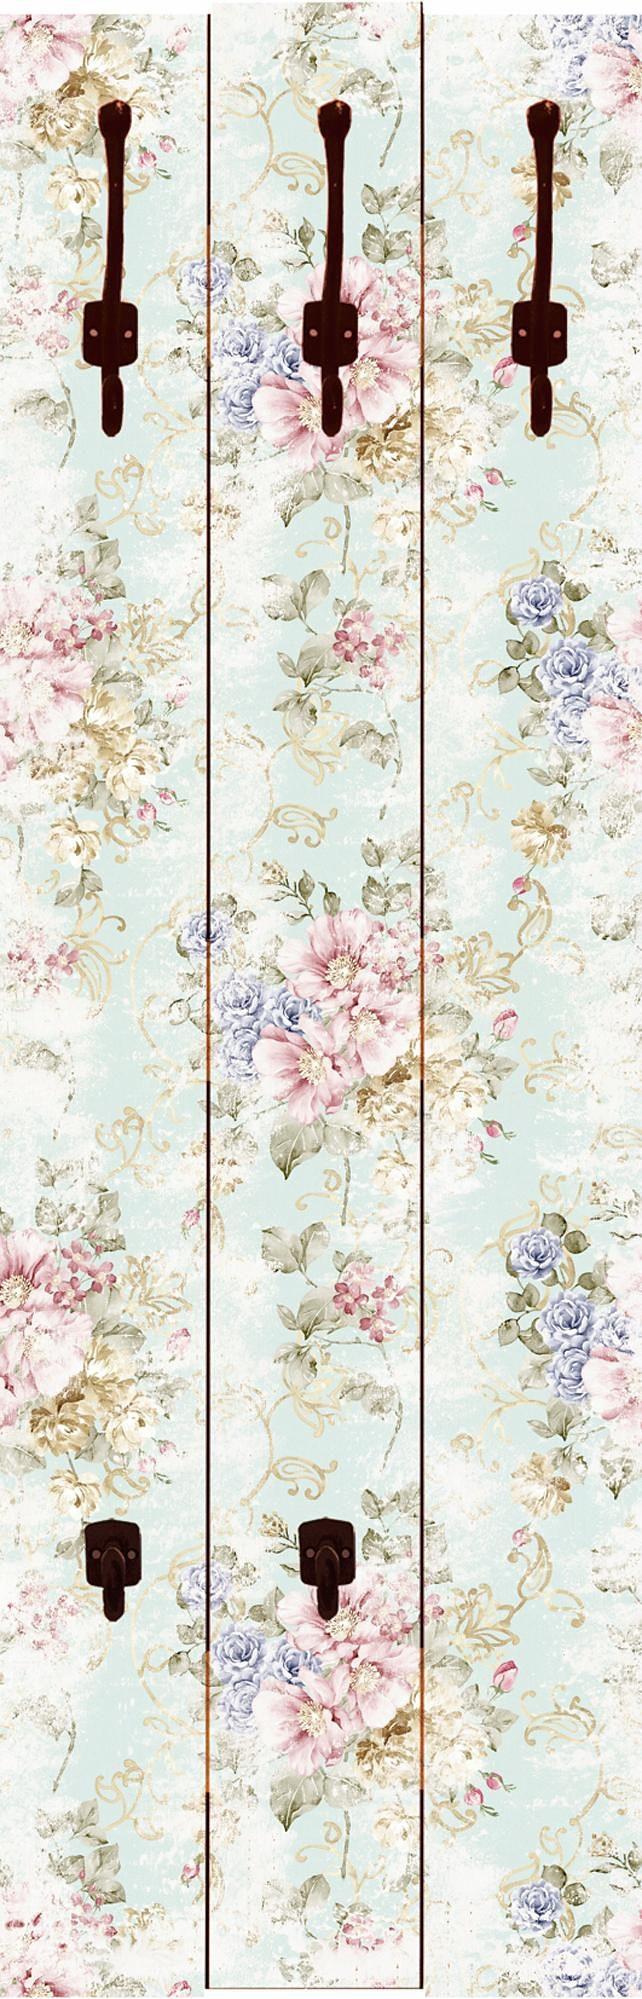 Home affaire Wandgarderobe »tanginuk1205: Blumen mit nahtlosem Muster im Hintergrund«, 45/140 cm